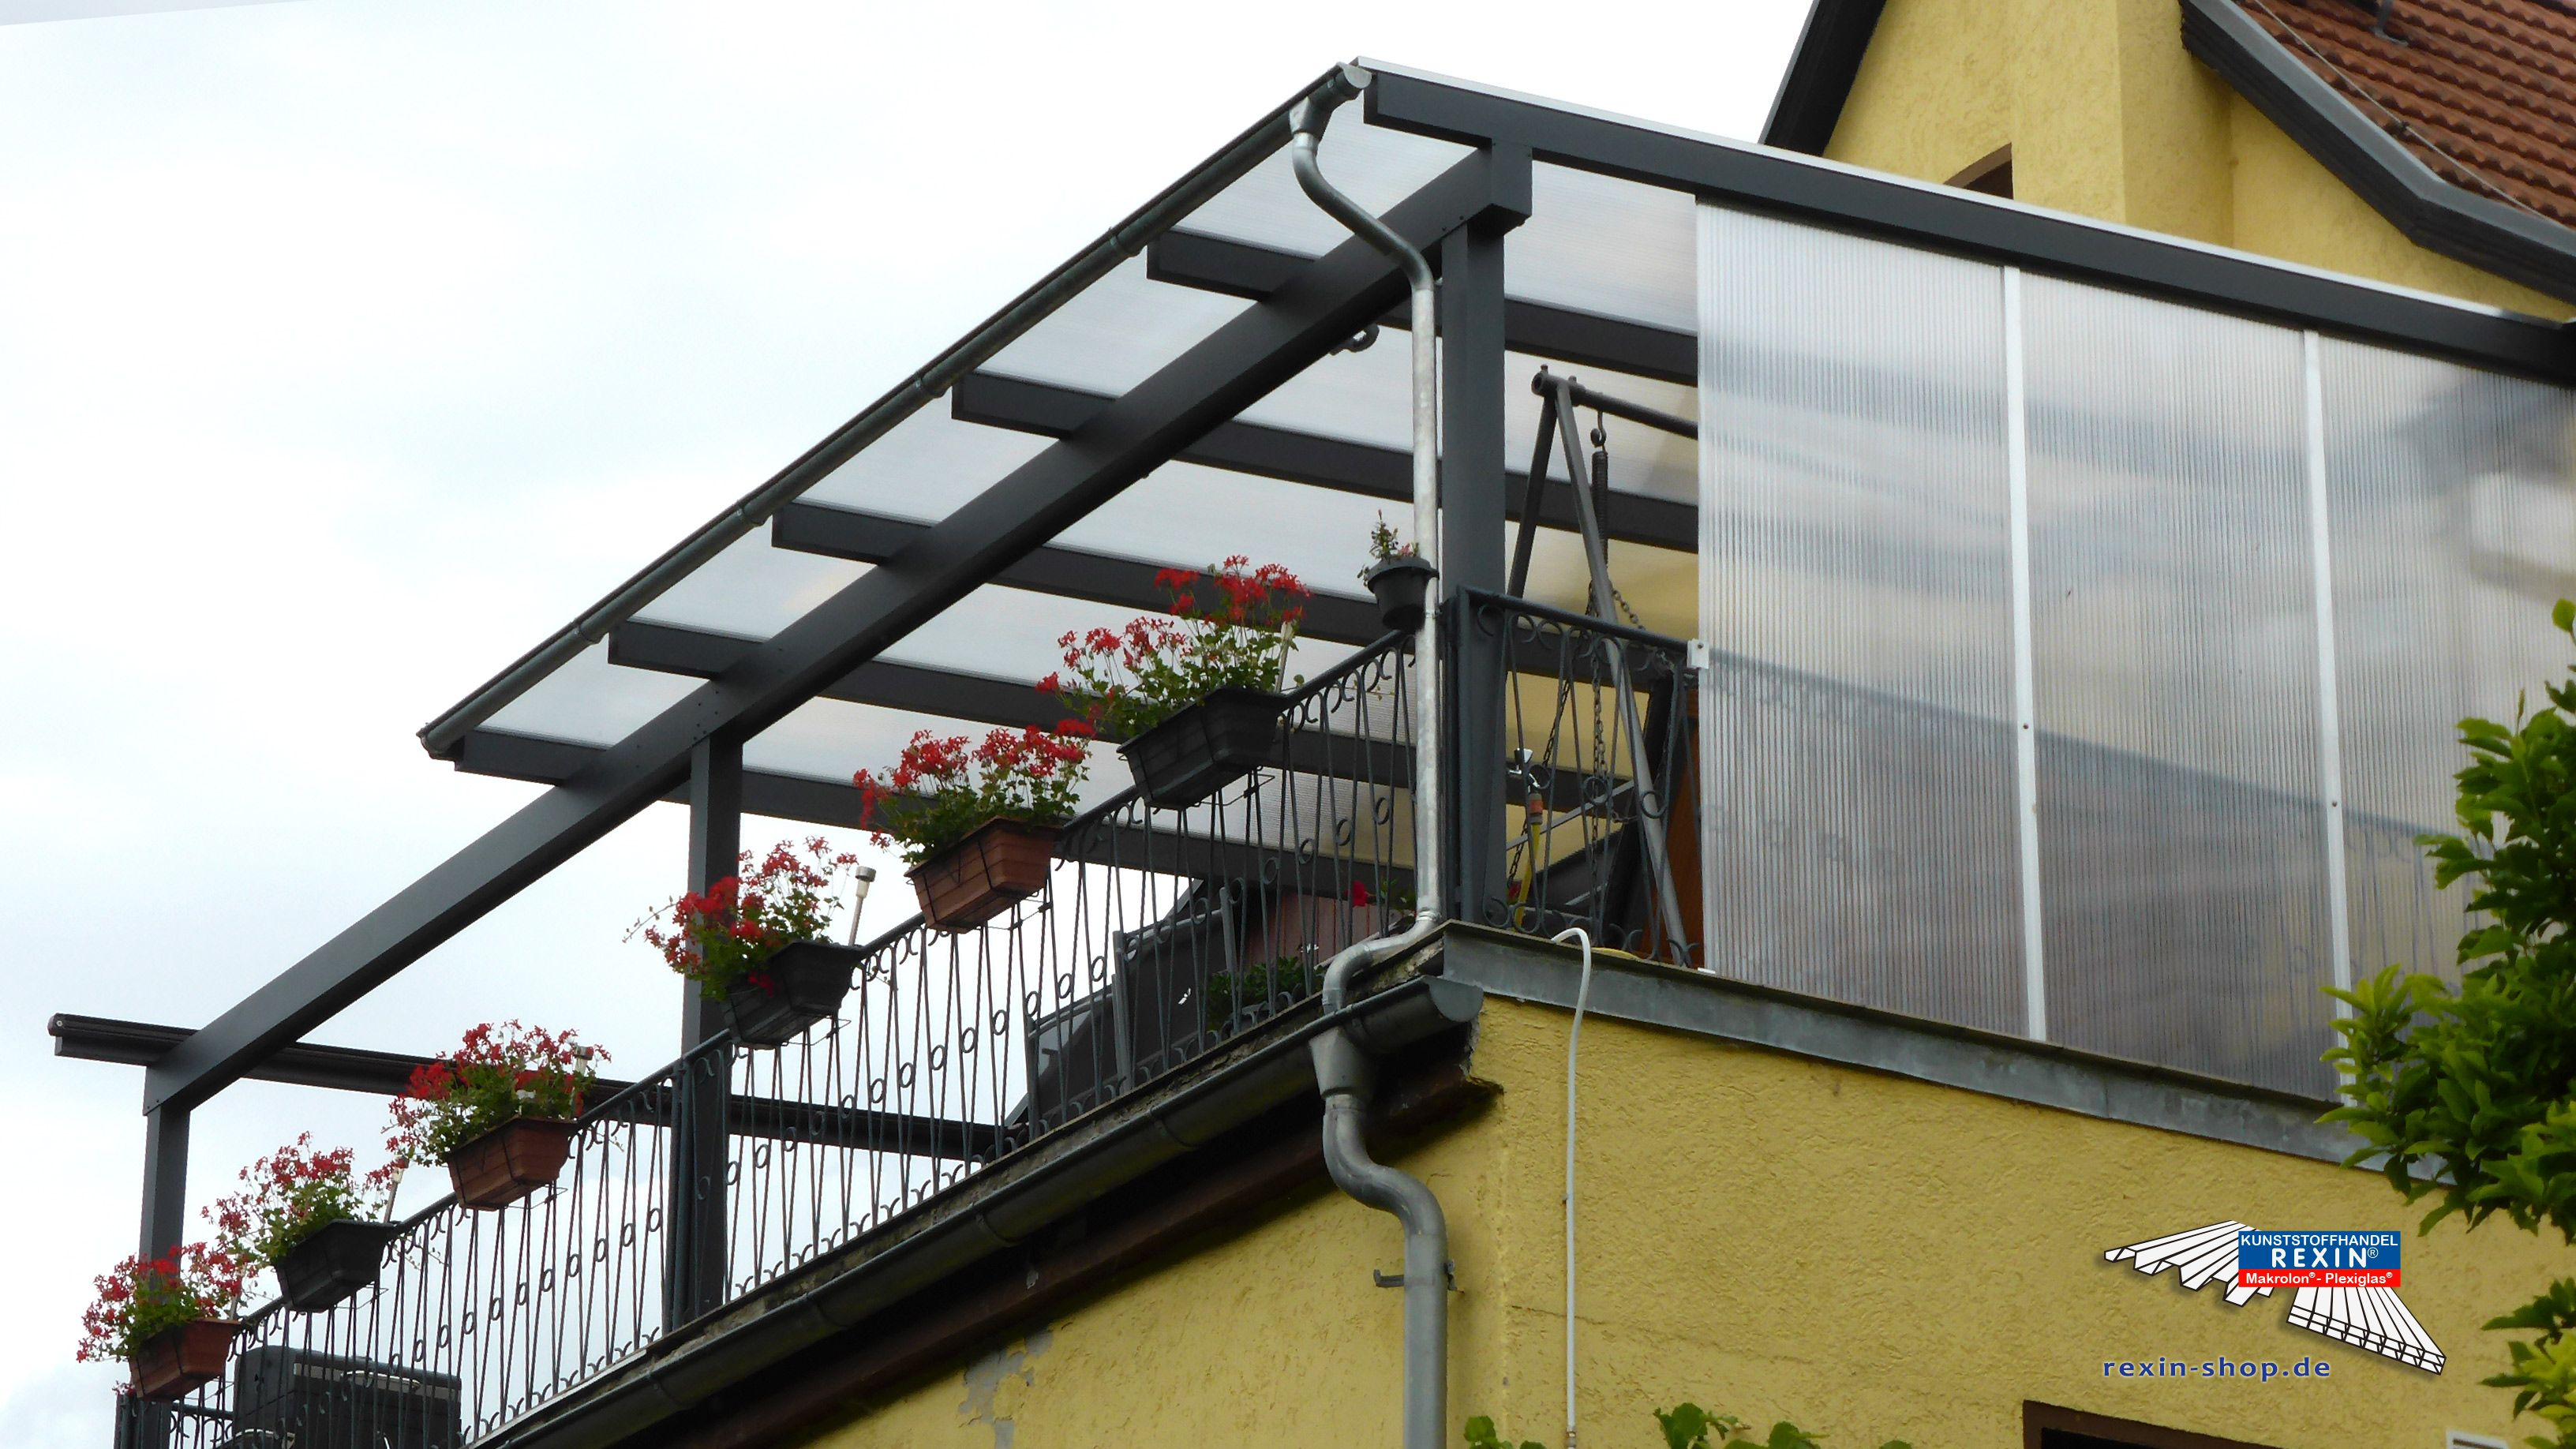 eba56e7d28ca0ed87a3c5176b30852df Inspiration Sichtschutz Balkon Einseitig Durchsichtig Schema